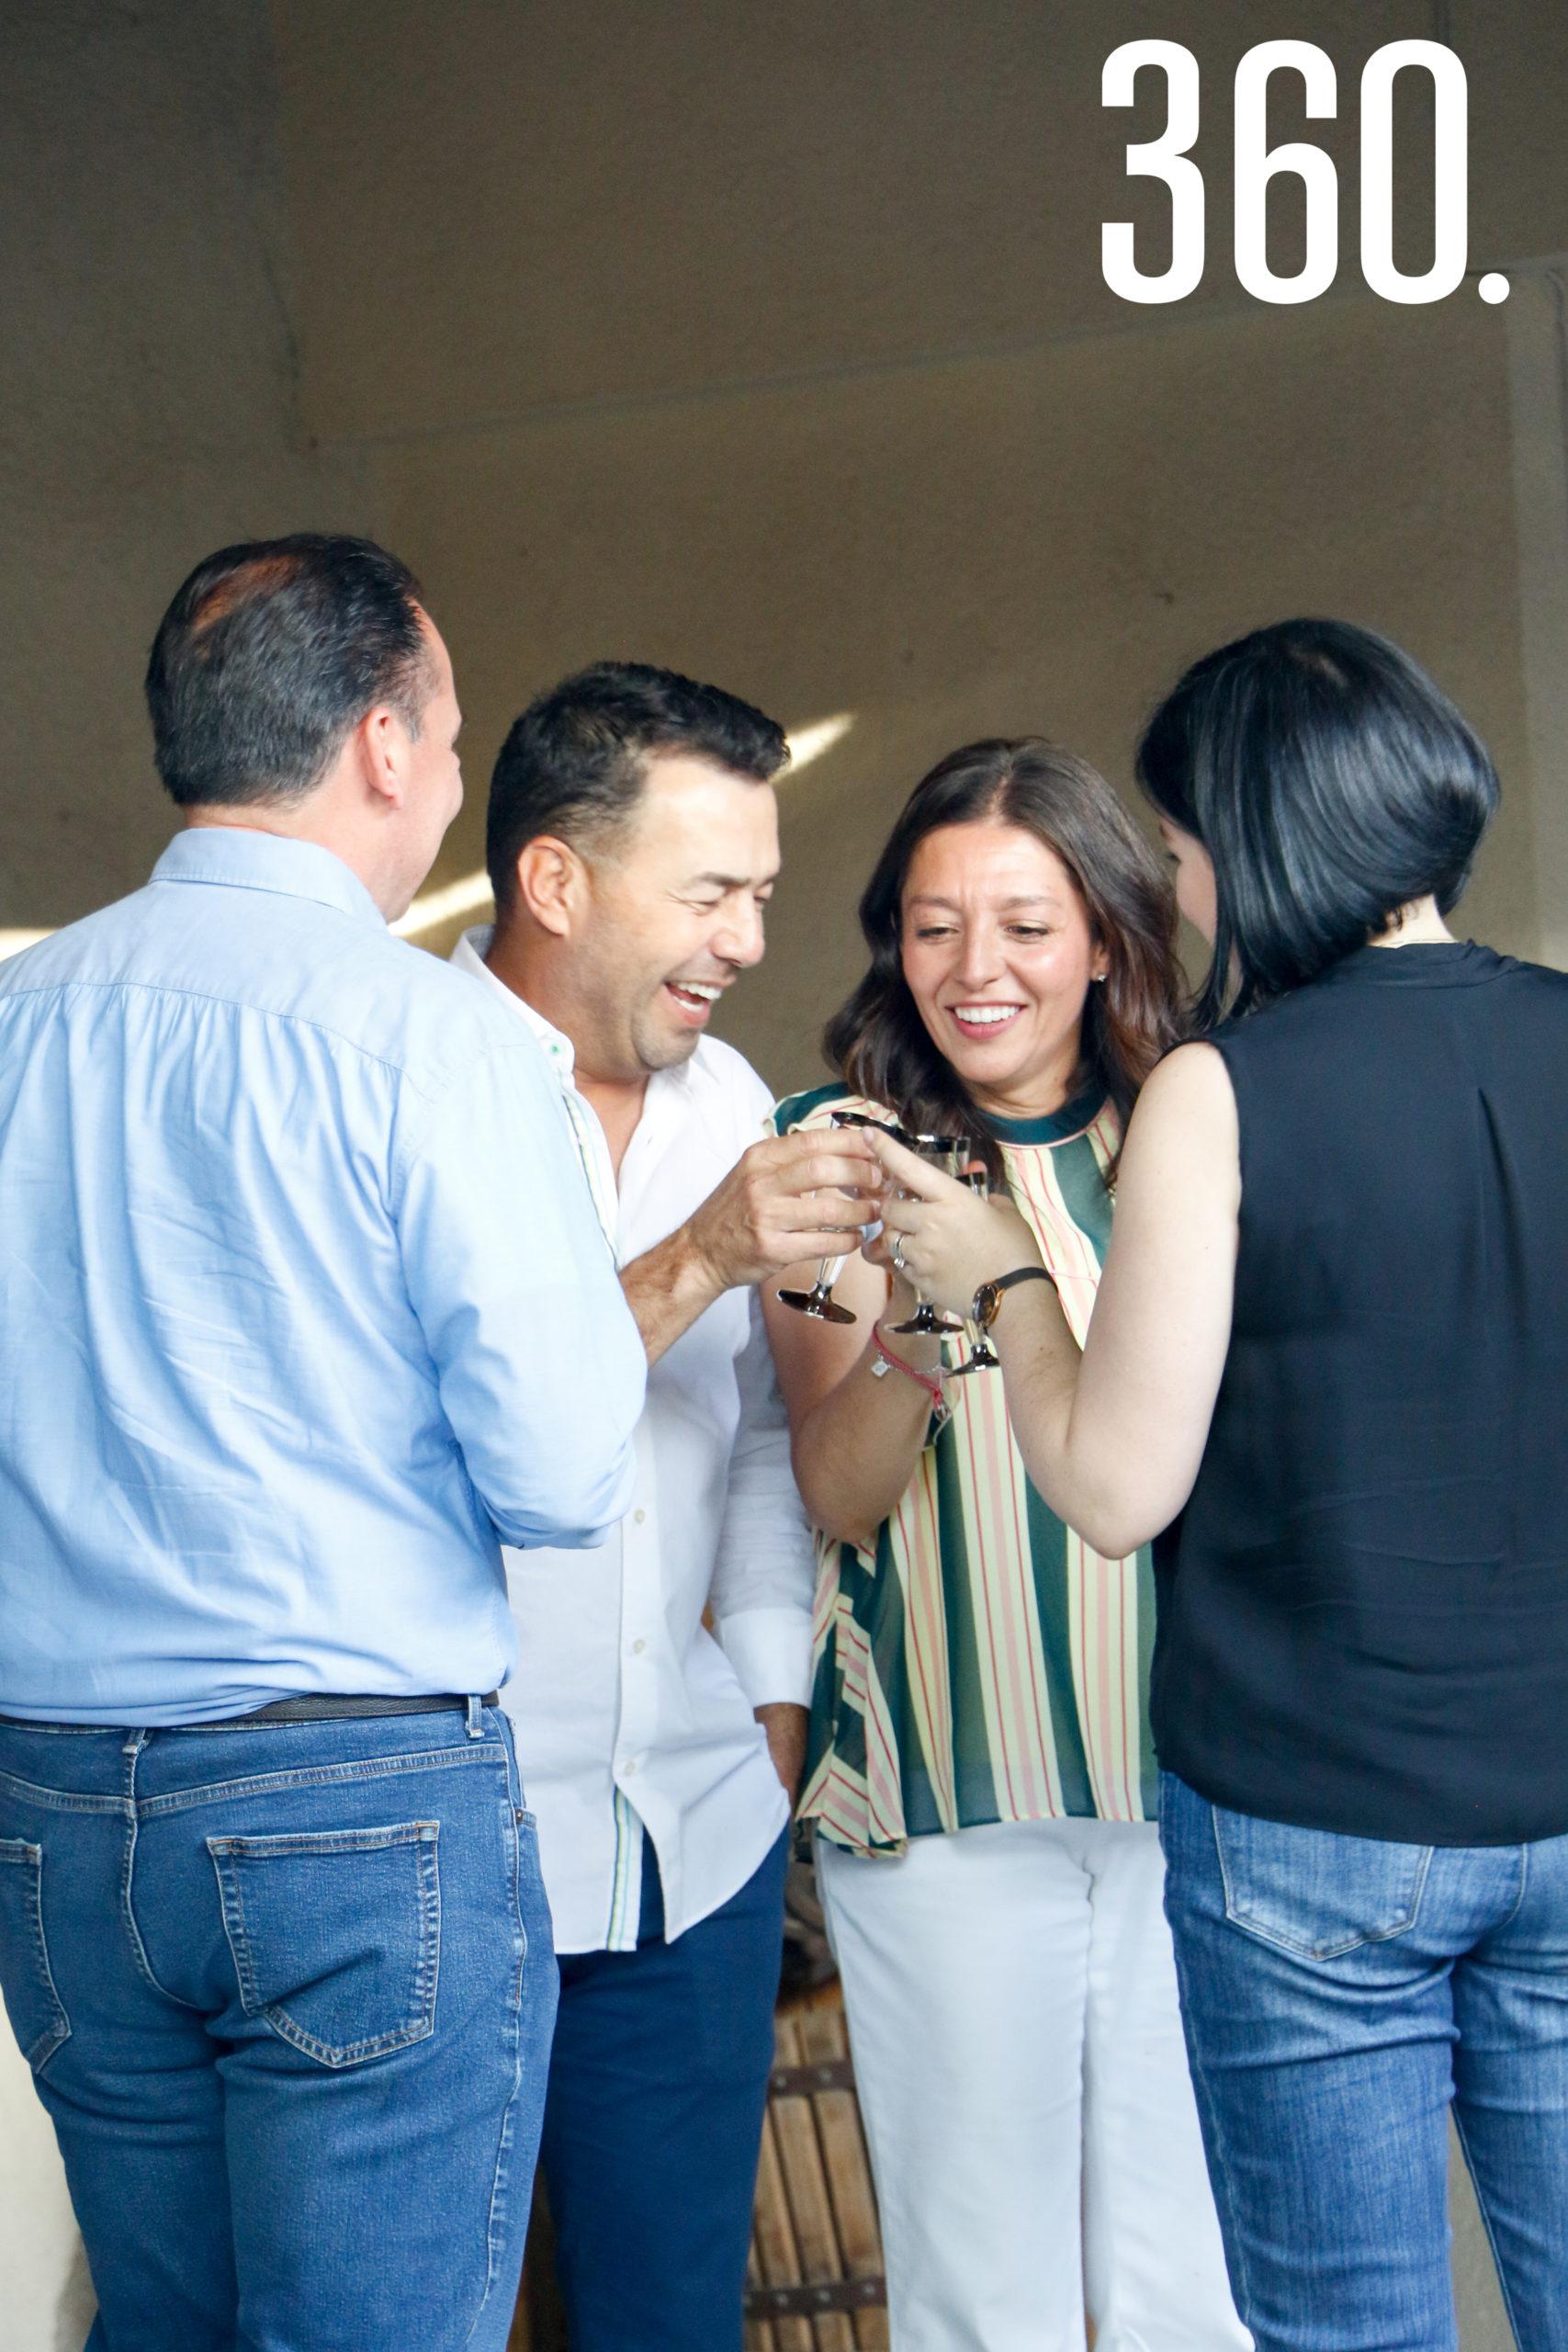 El festejado y su esposa Magda disfrutaron del evento junto a sus amigos más cercanos.